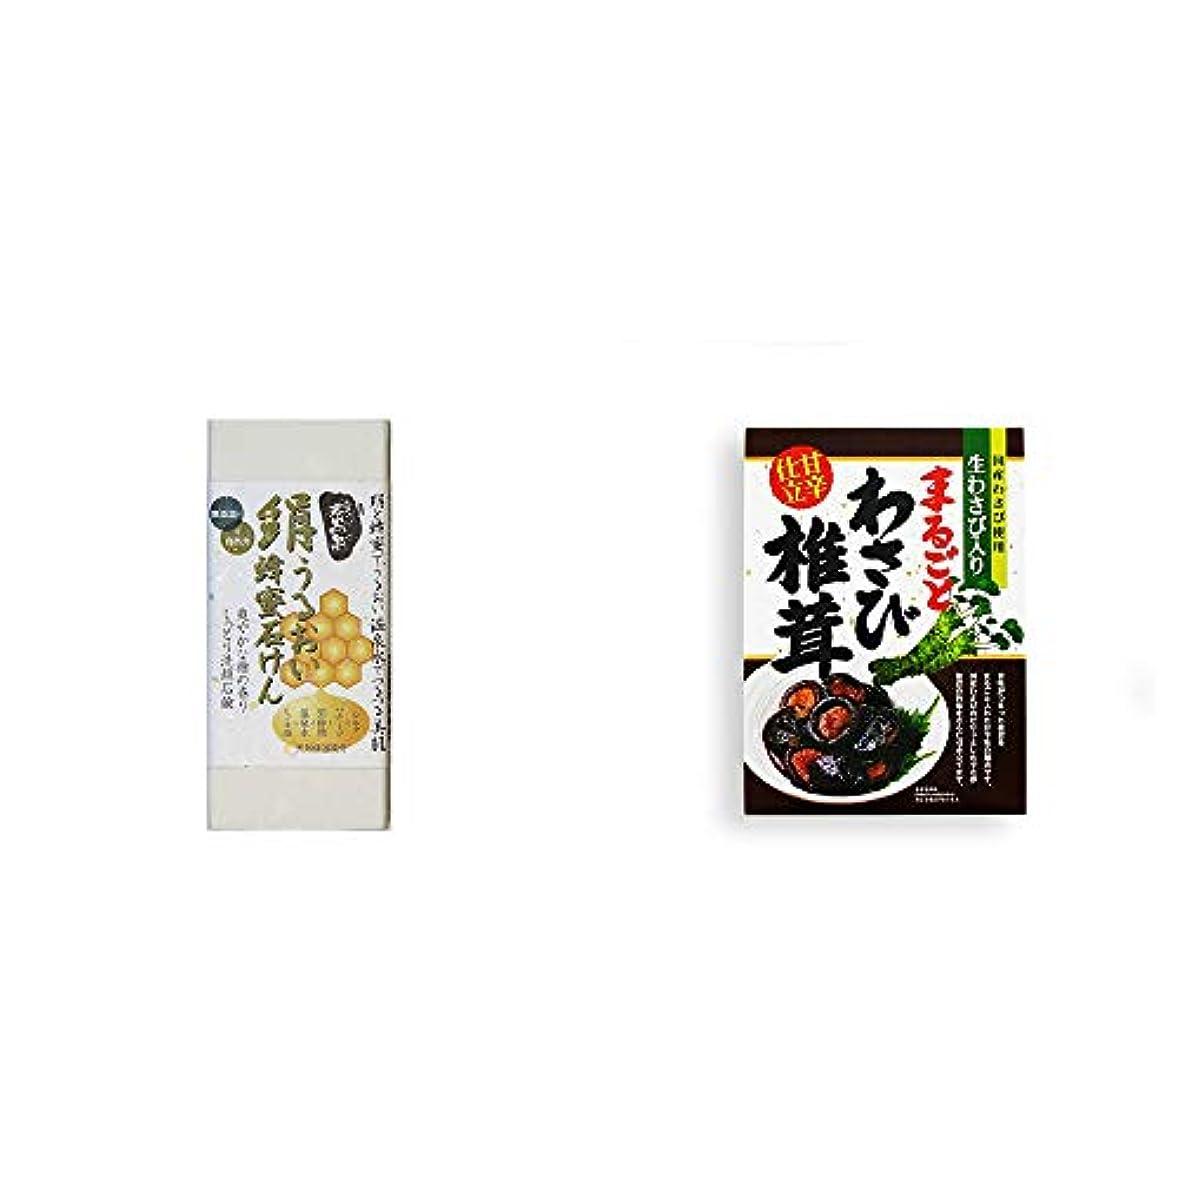 比類なきコンチネンタル消毒剤[2点セット] ひのき炭黒泉 絹うるおい蜂蜜石けん(75g×2)?まるごとわさび椎茸(200g)